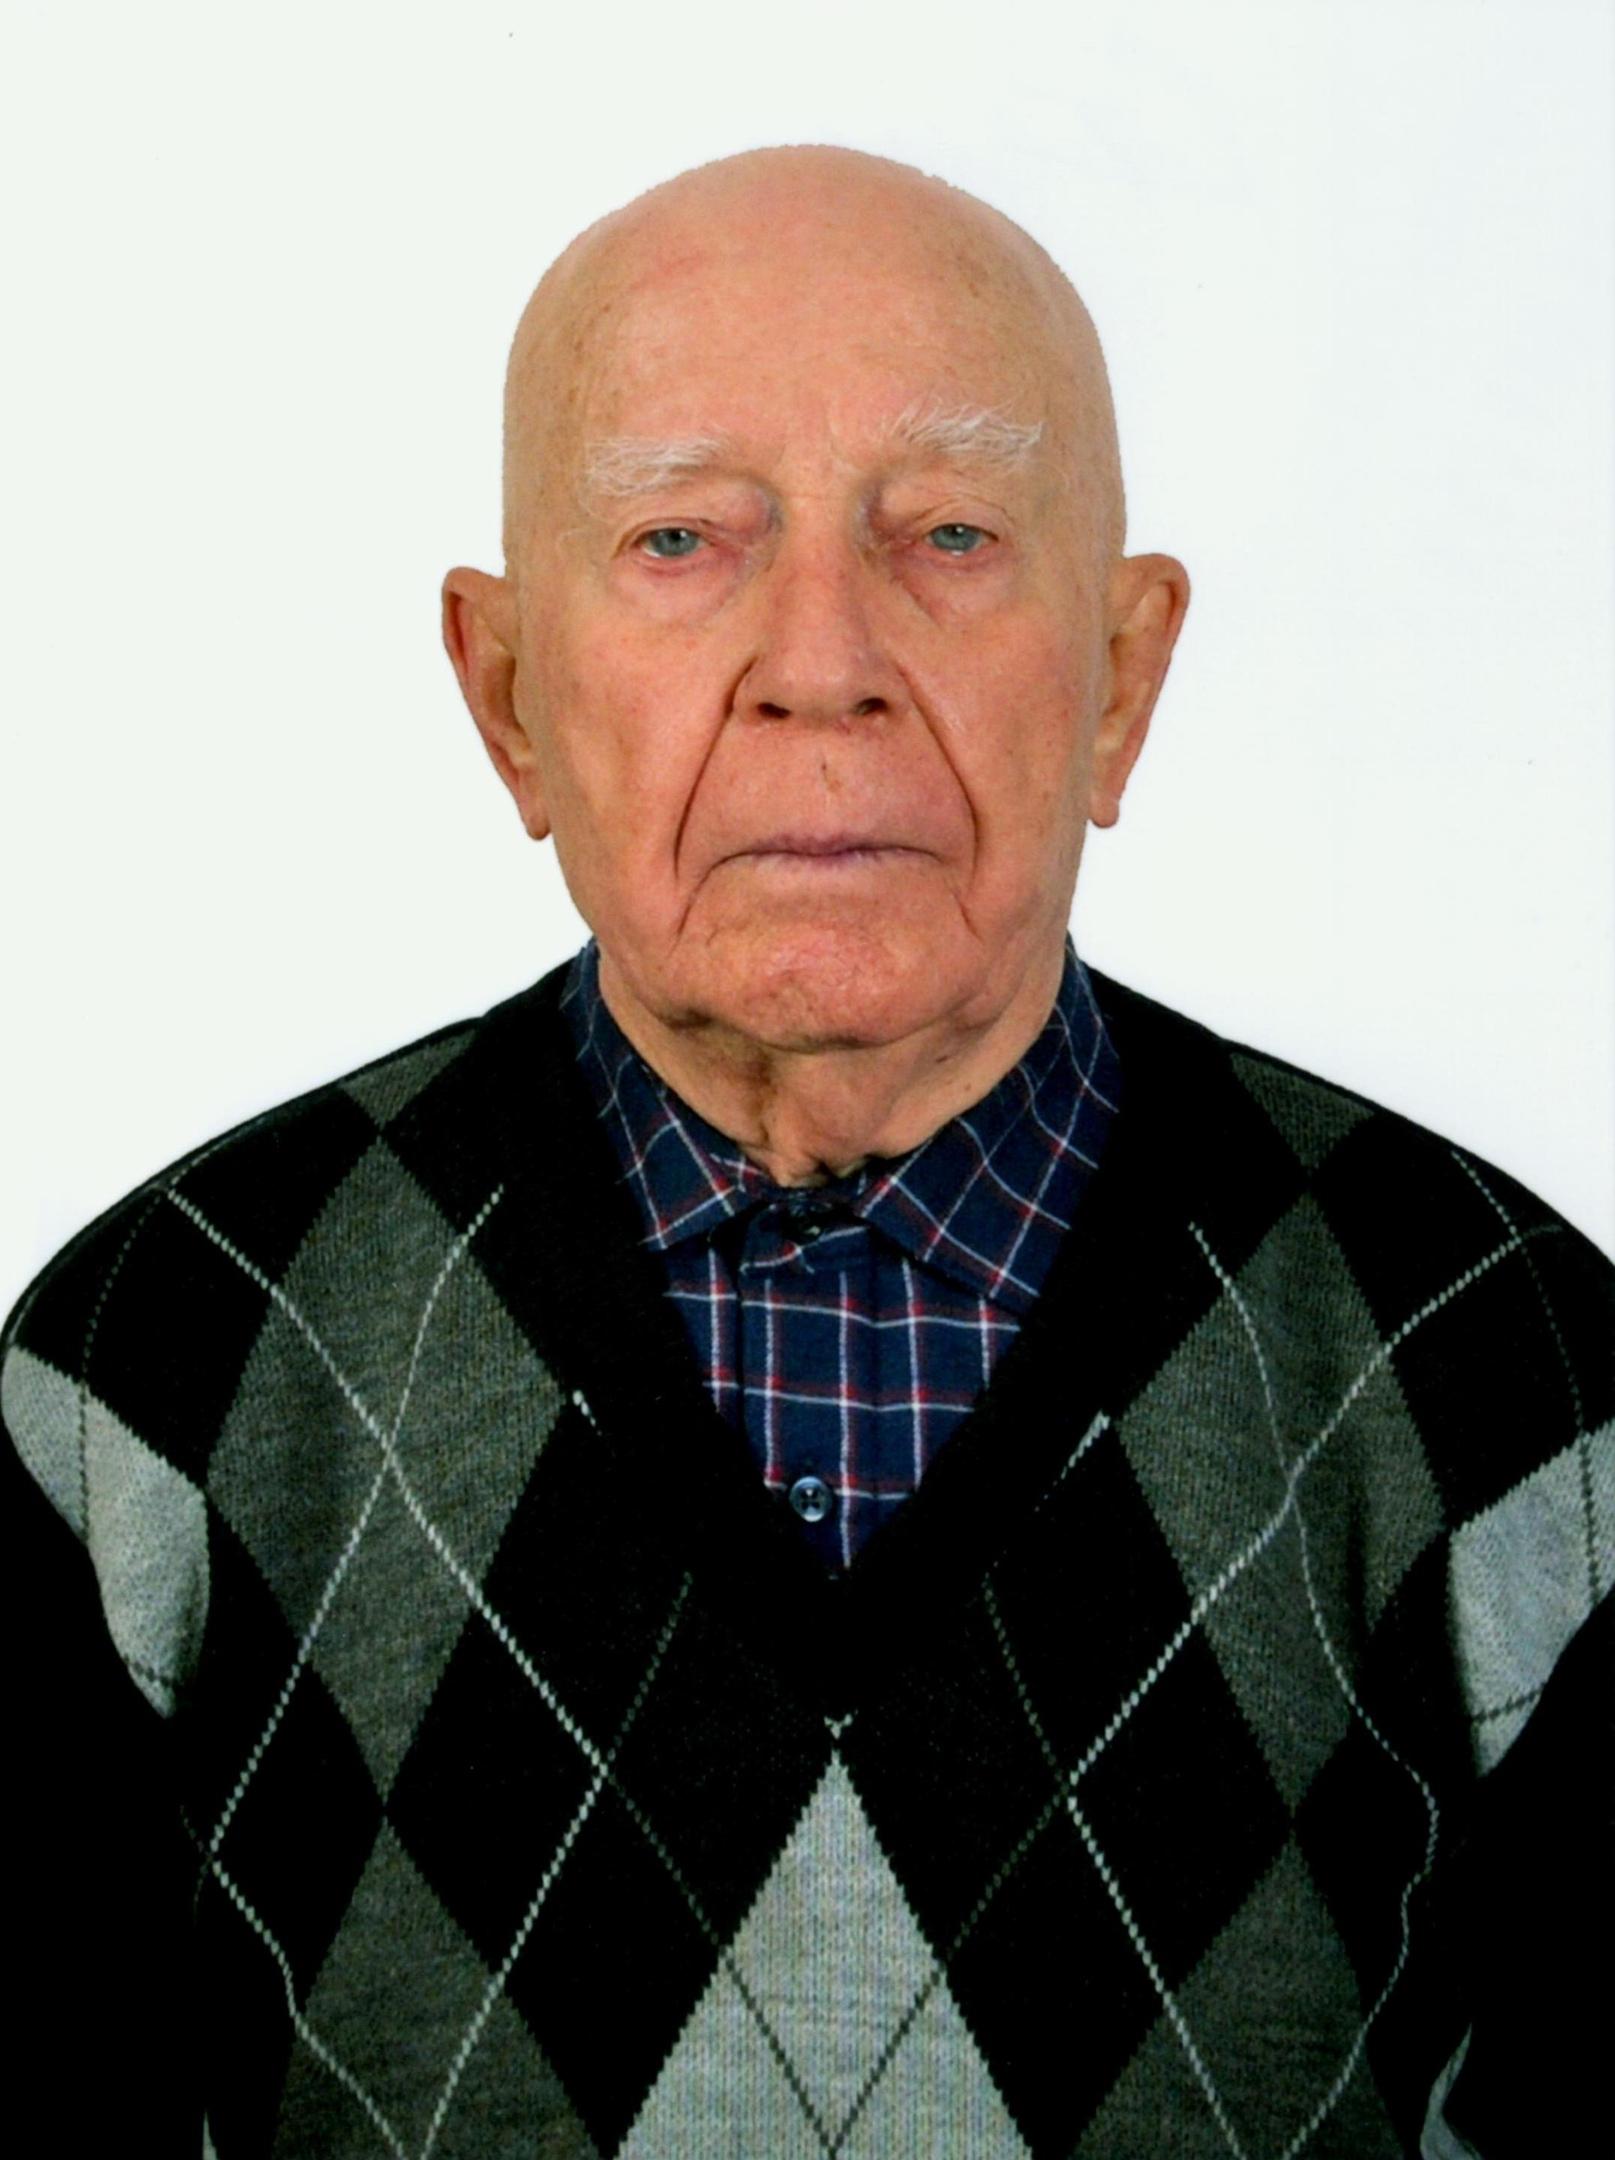 Степыгин Петр Георгиевич — ветеран Великой Отечественной войны, проживающий в городе Шахты.